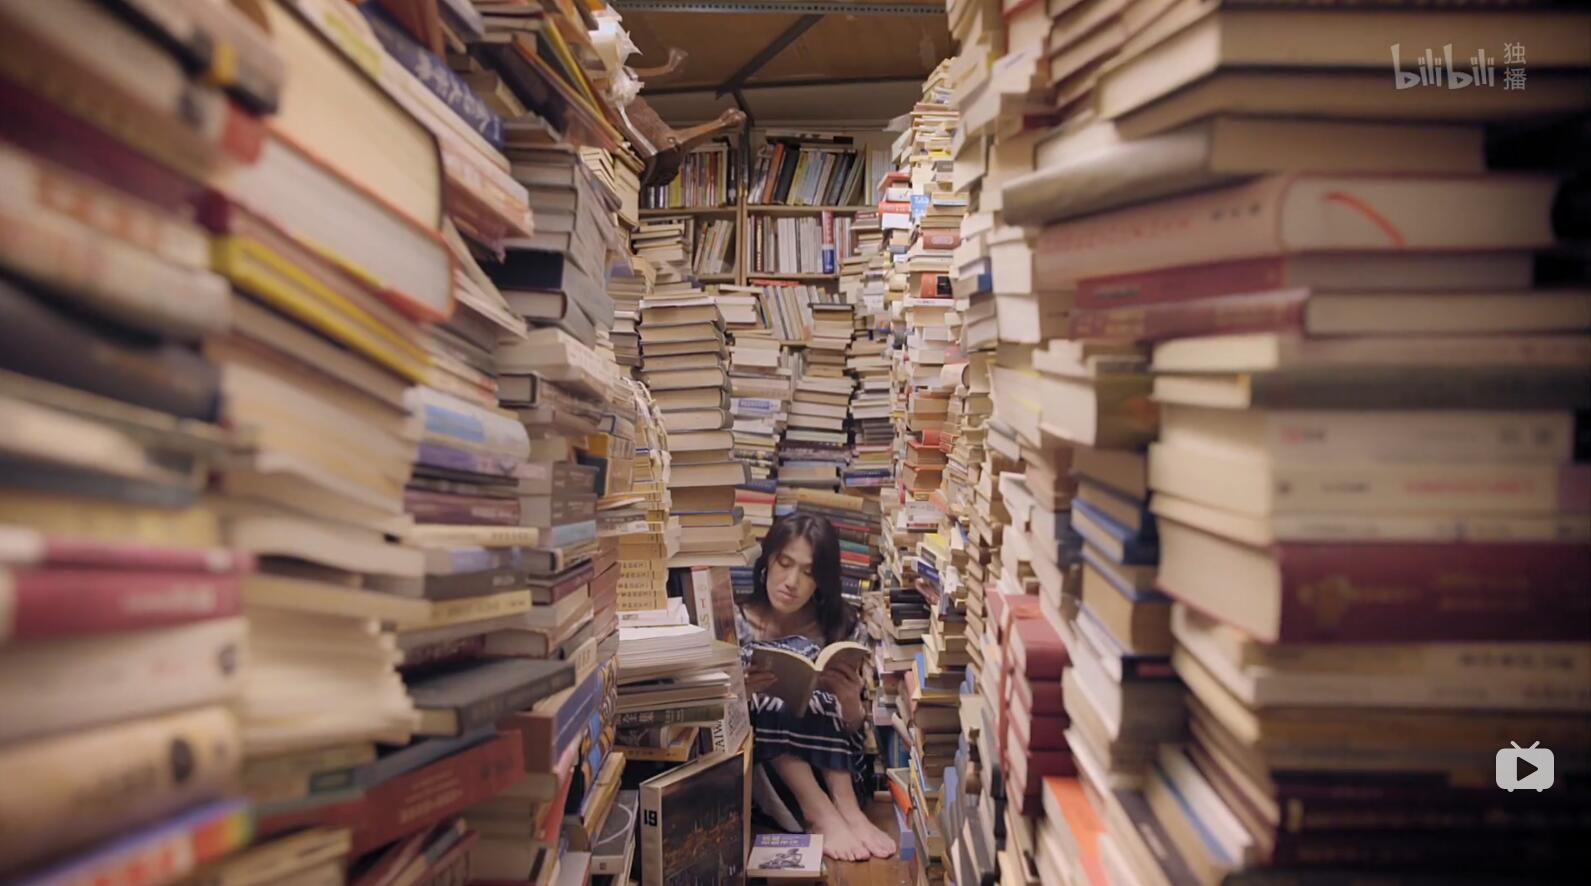 上海旧书店的坚守者:把最好的书留给寻寻觅觅后最美的遇见